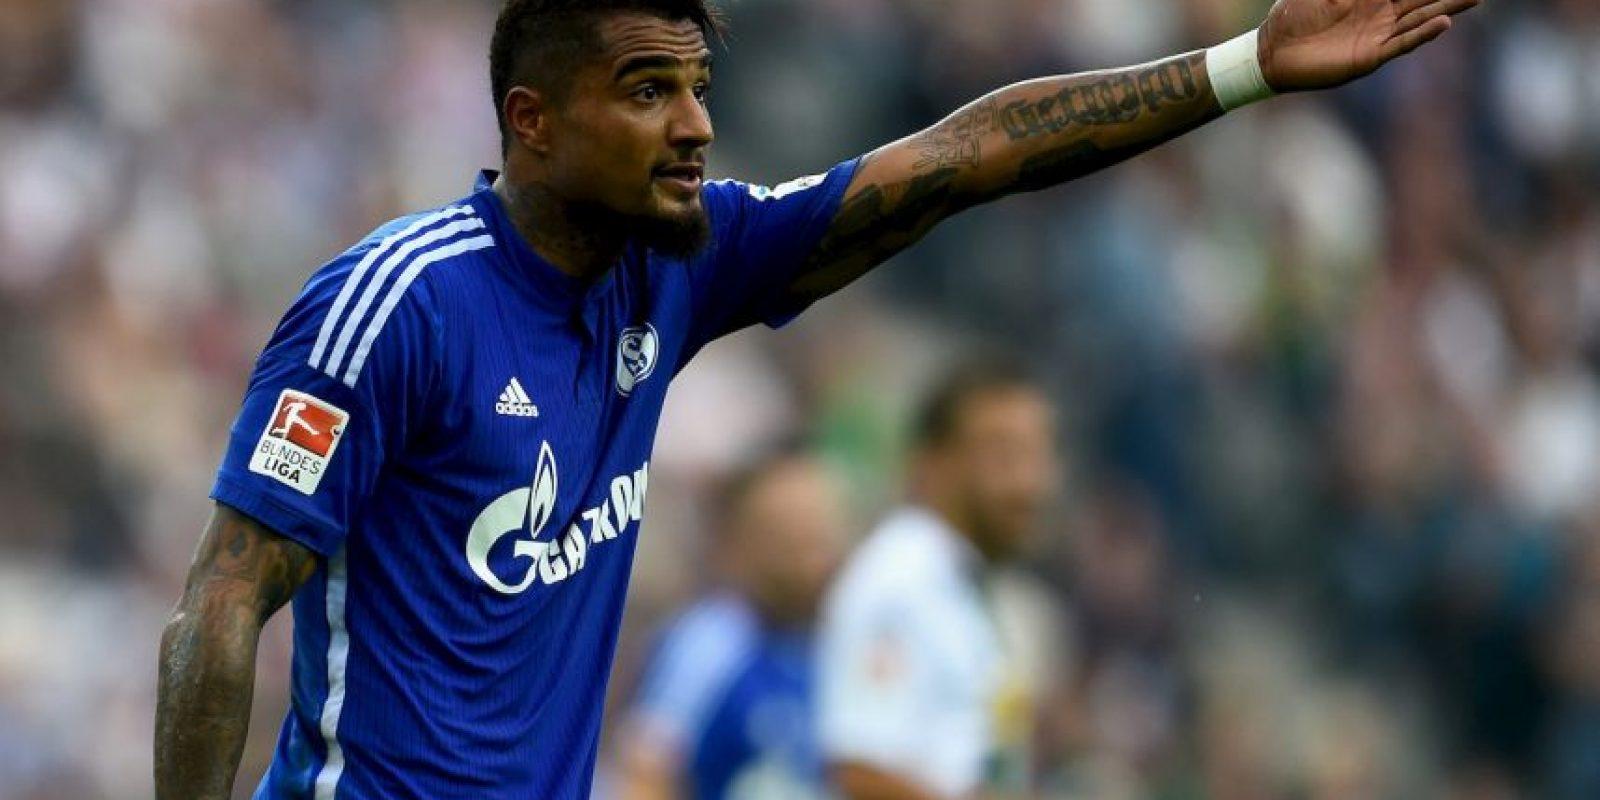 En mayo de 2015, durante la etapa final de la campaña anterior, el Schalke 04 rescindió su contrato luego de una supuesta indisciplina (las causas aún no son aclaradas). Este pasado mercado de fichajes no logró arreglarse con ningún club y sólo tiene 28 años. Foto:Getty Images